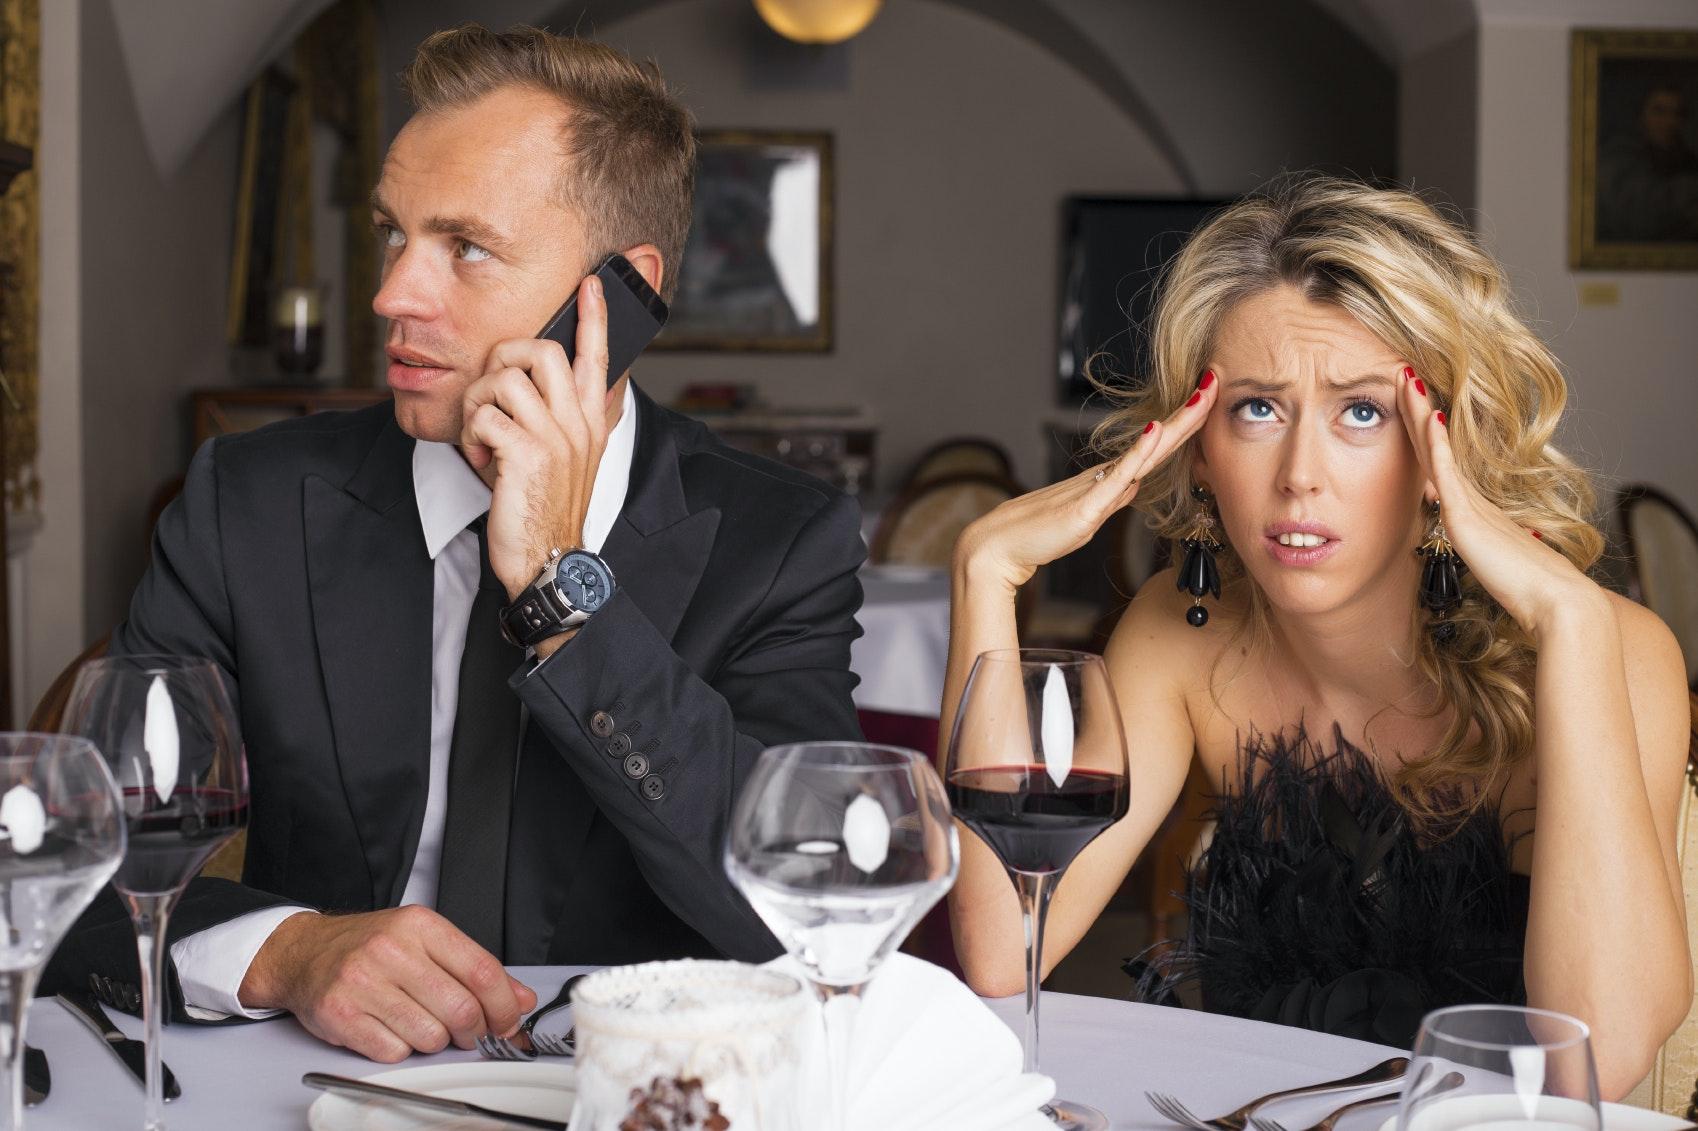 dating tips for mænd Frederikssund